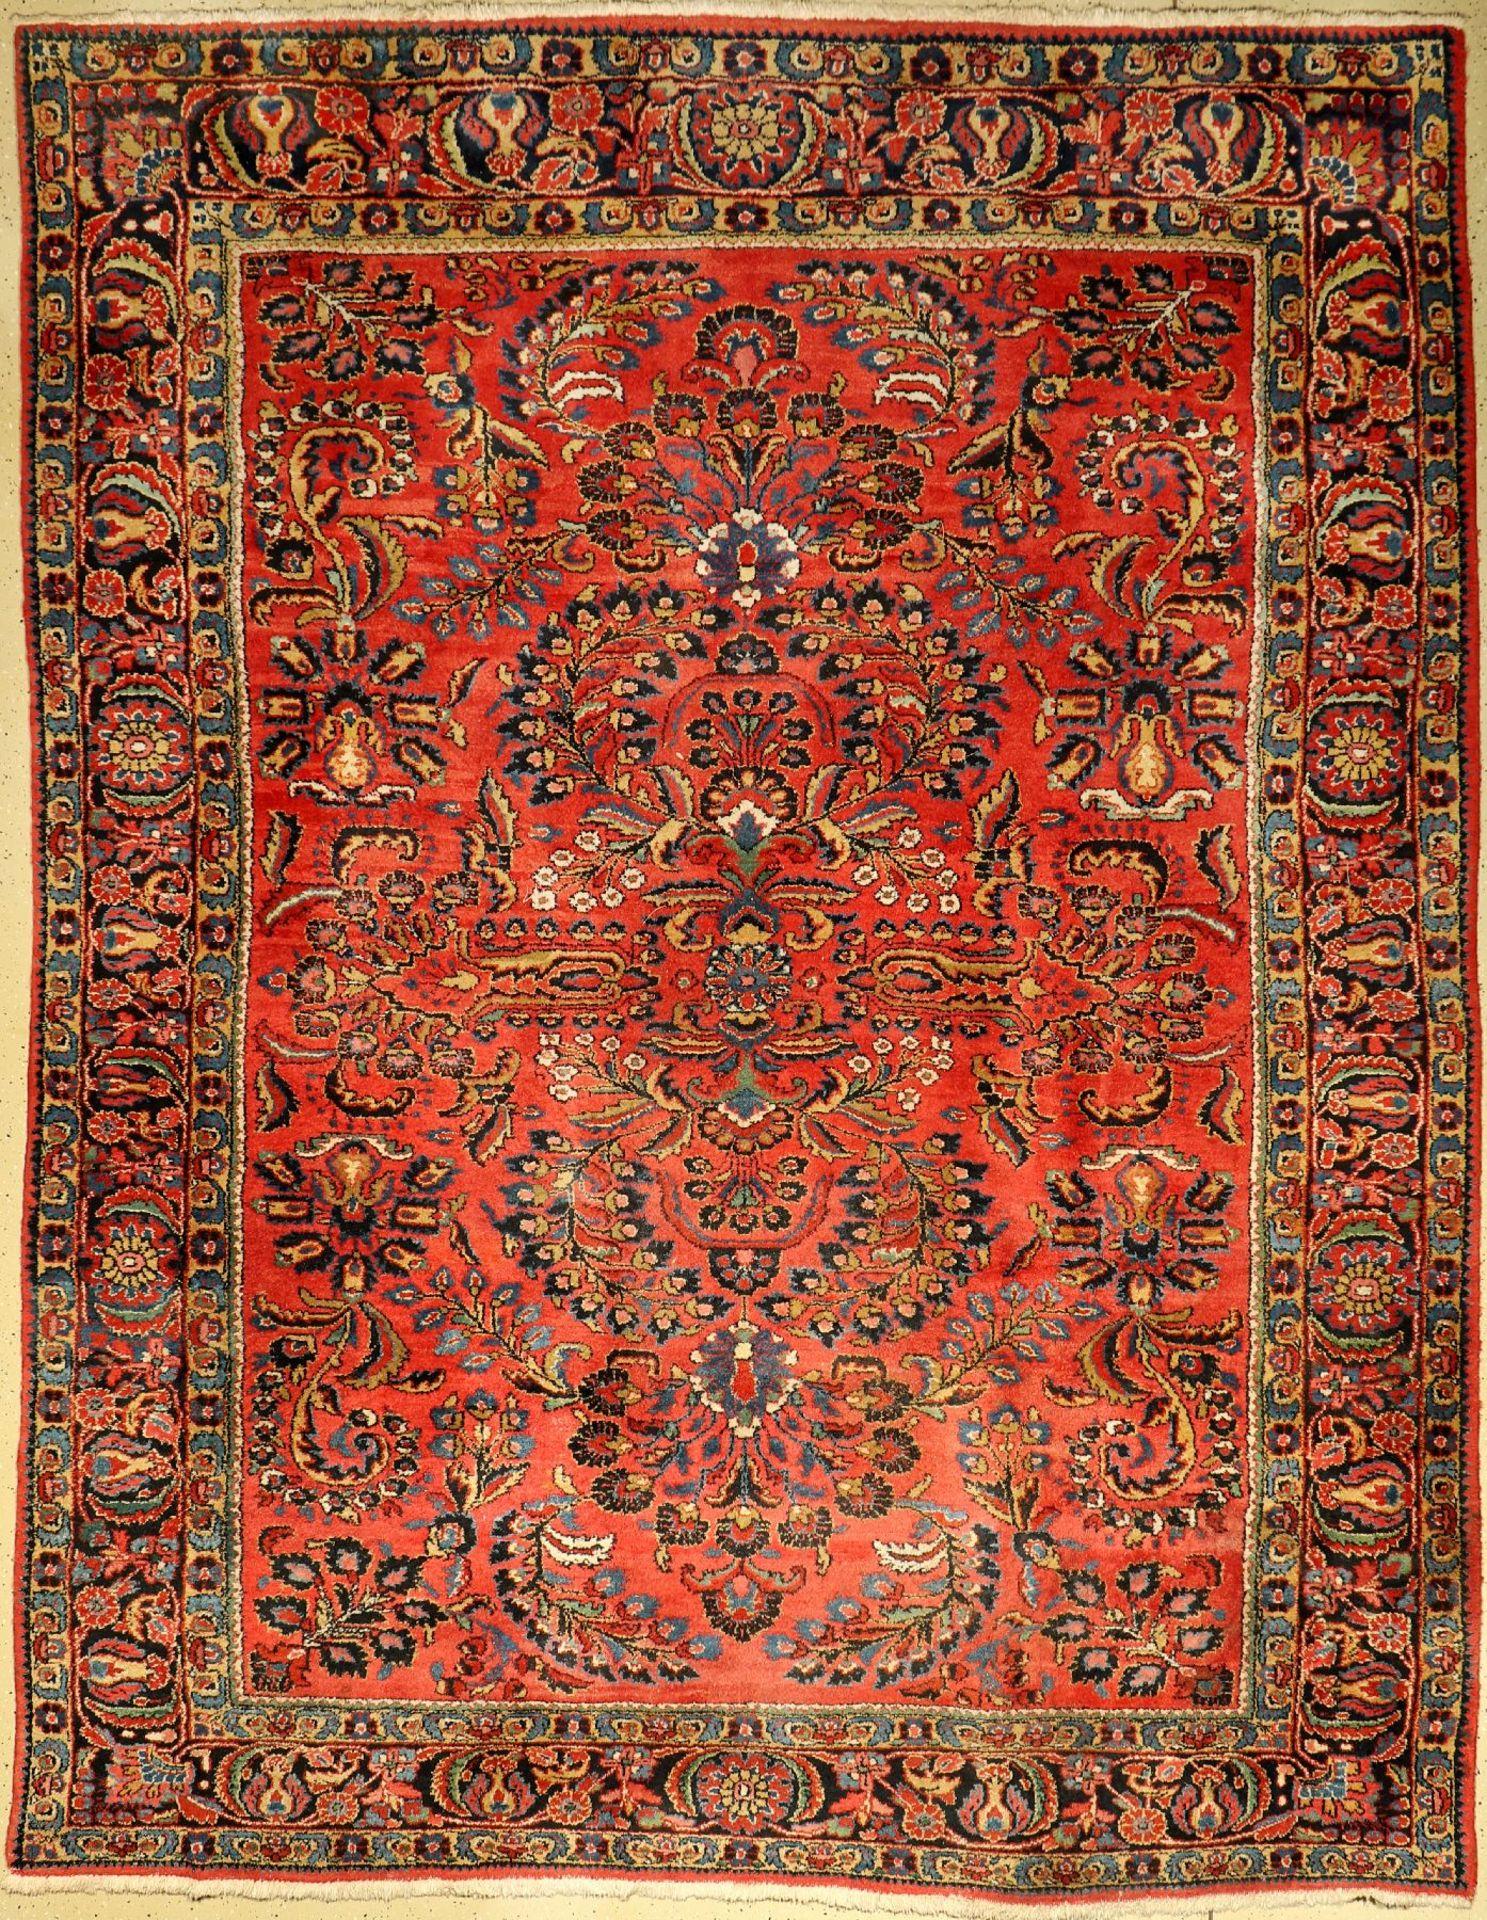 Mehraban, Persien, um 1940, Wolle auf Baumwolle, ca. 353 x 276 cm, EHZ: 2-3Mehraban, Persia,